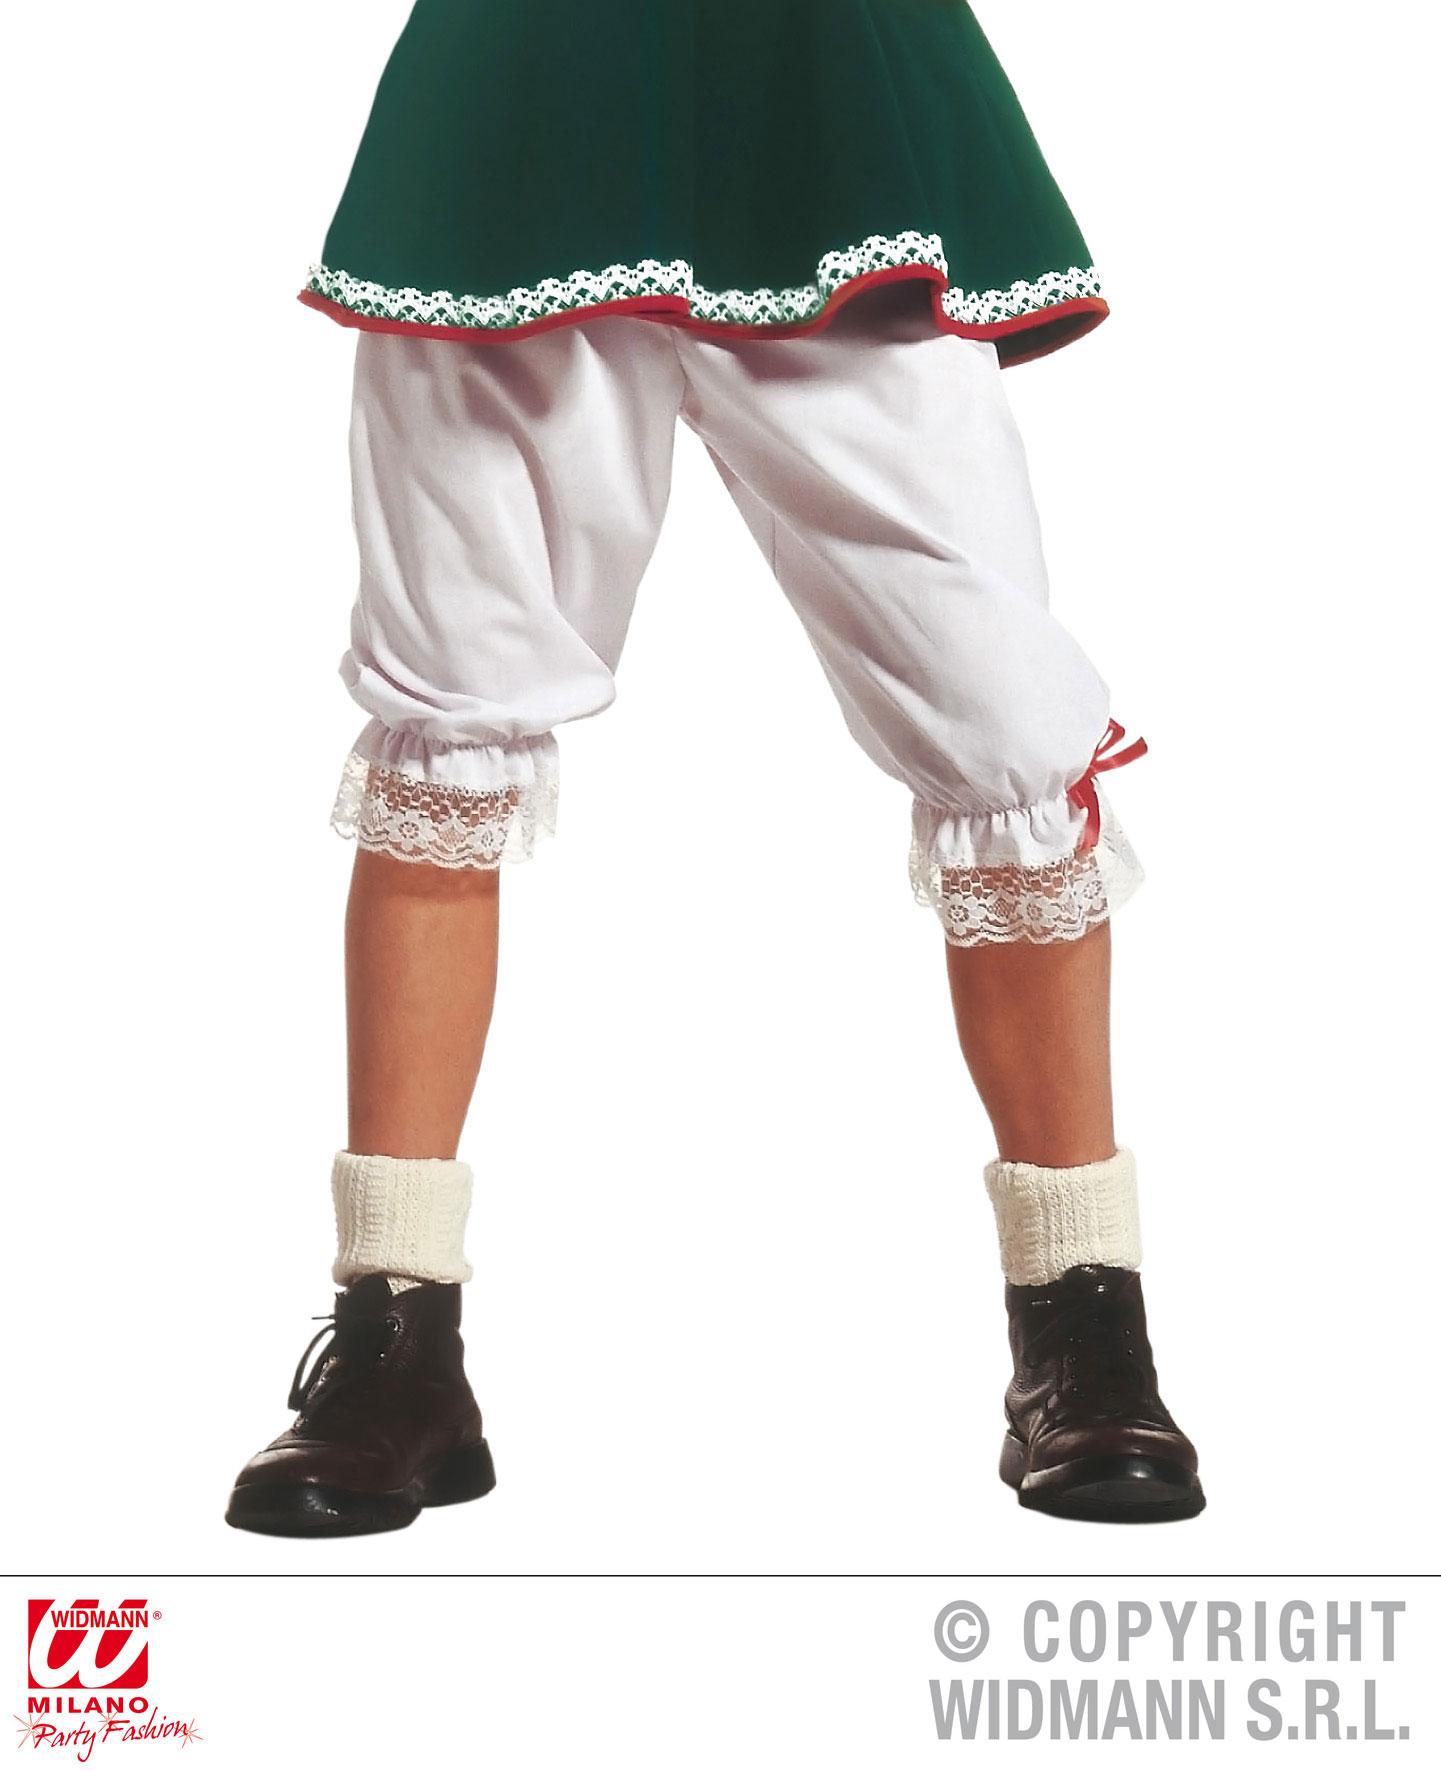 Knieunterhose Kniehöschen Liebestöter Oktoberfest Pluderhose M, XL